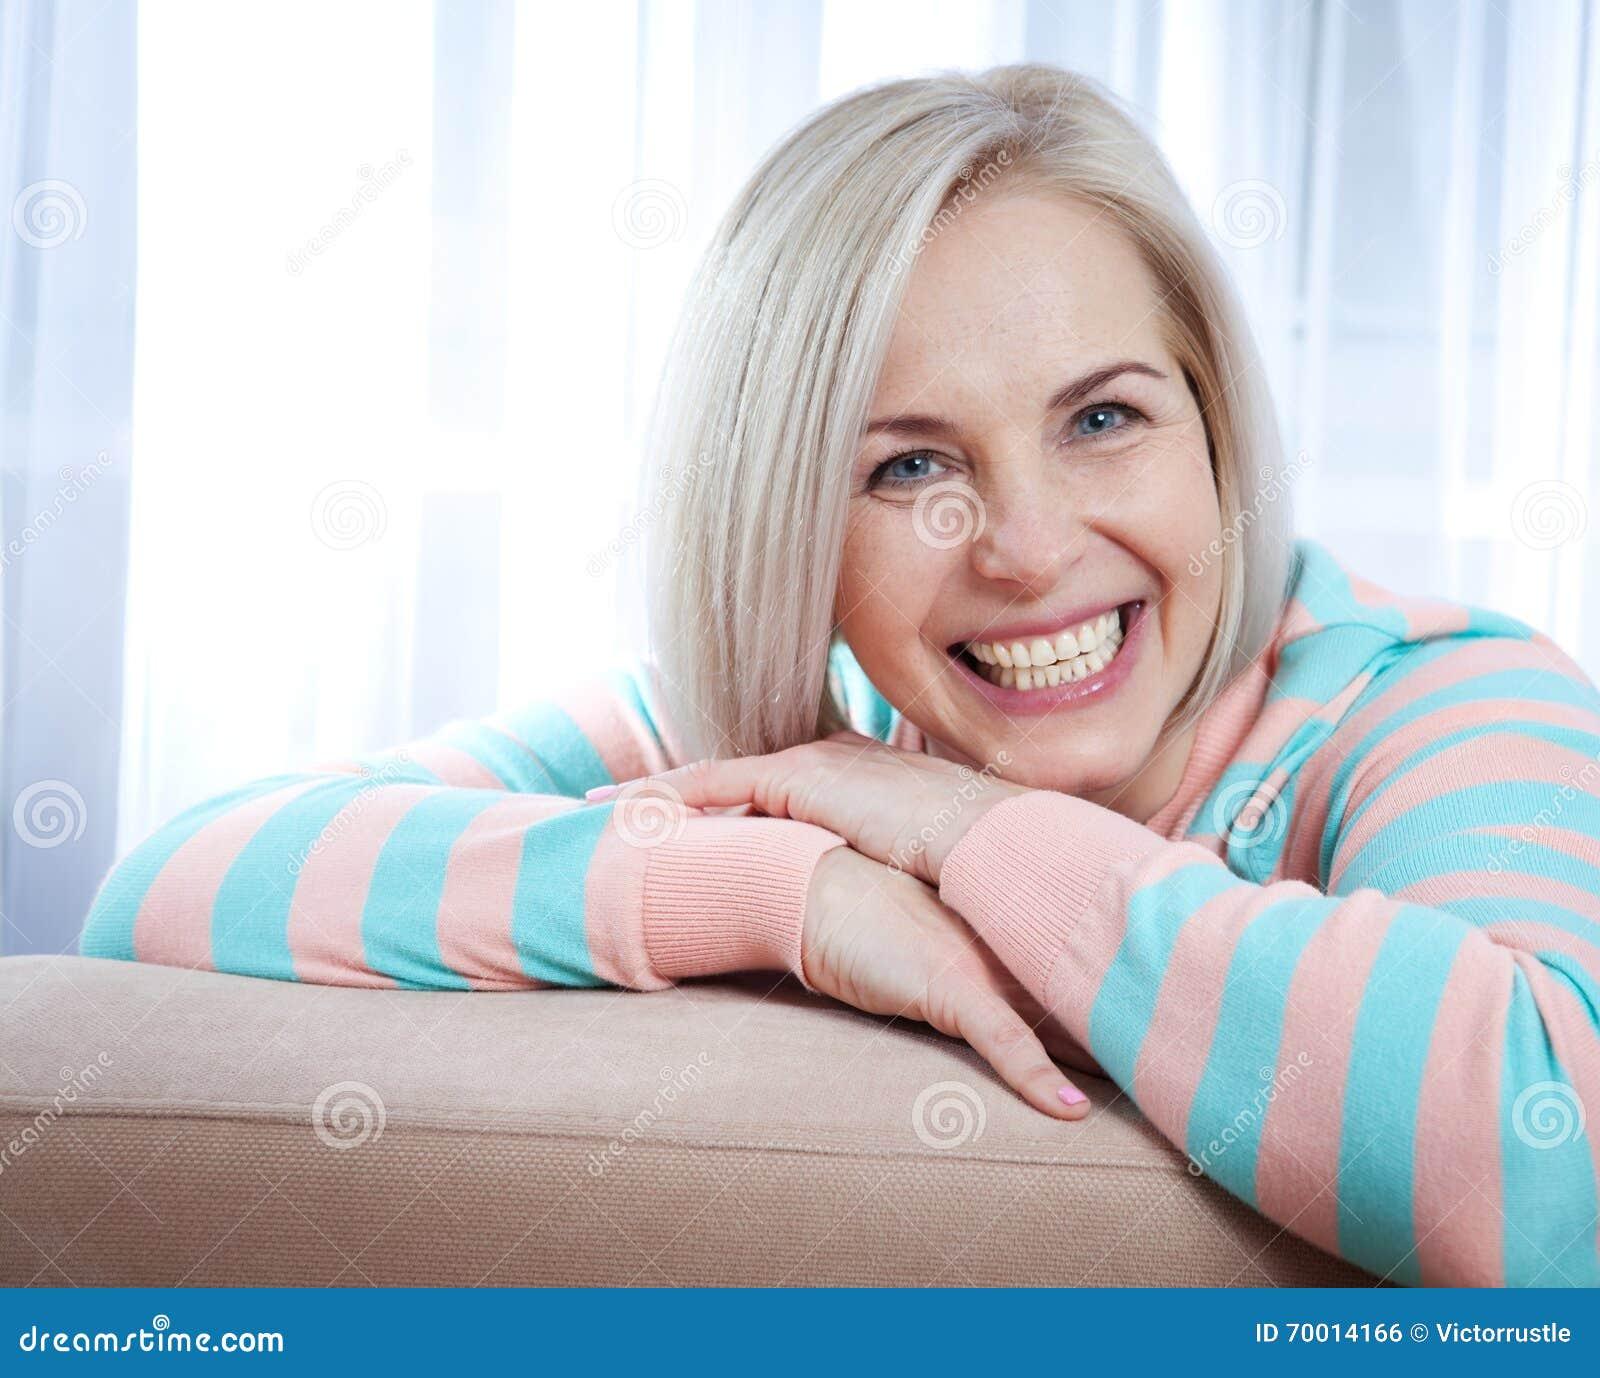 Sorriso de meia idade bonito ativo da mulher amigável e vista na câmera fim da face da mulher acima